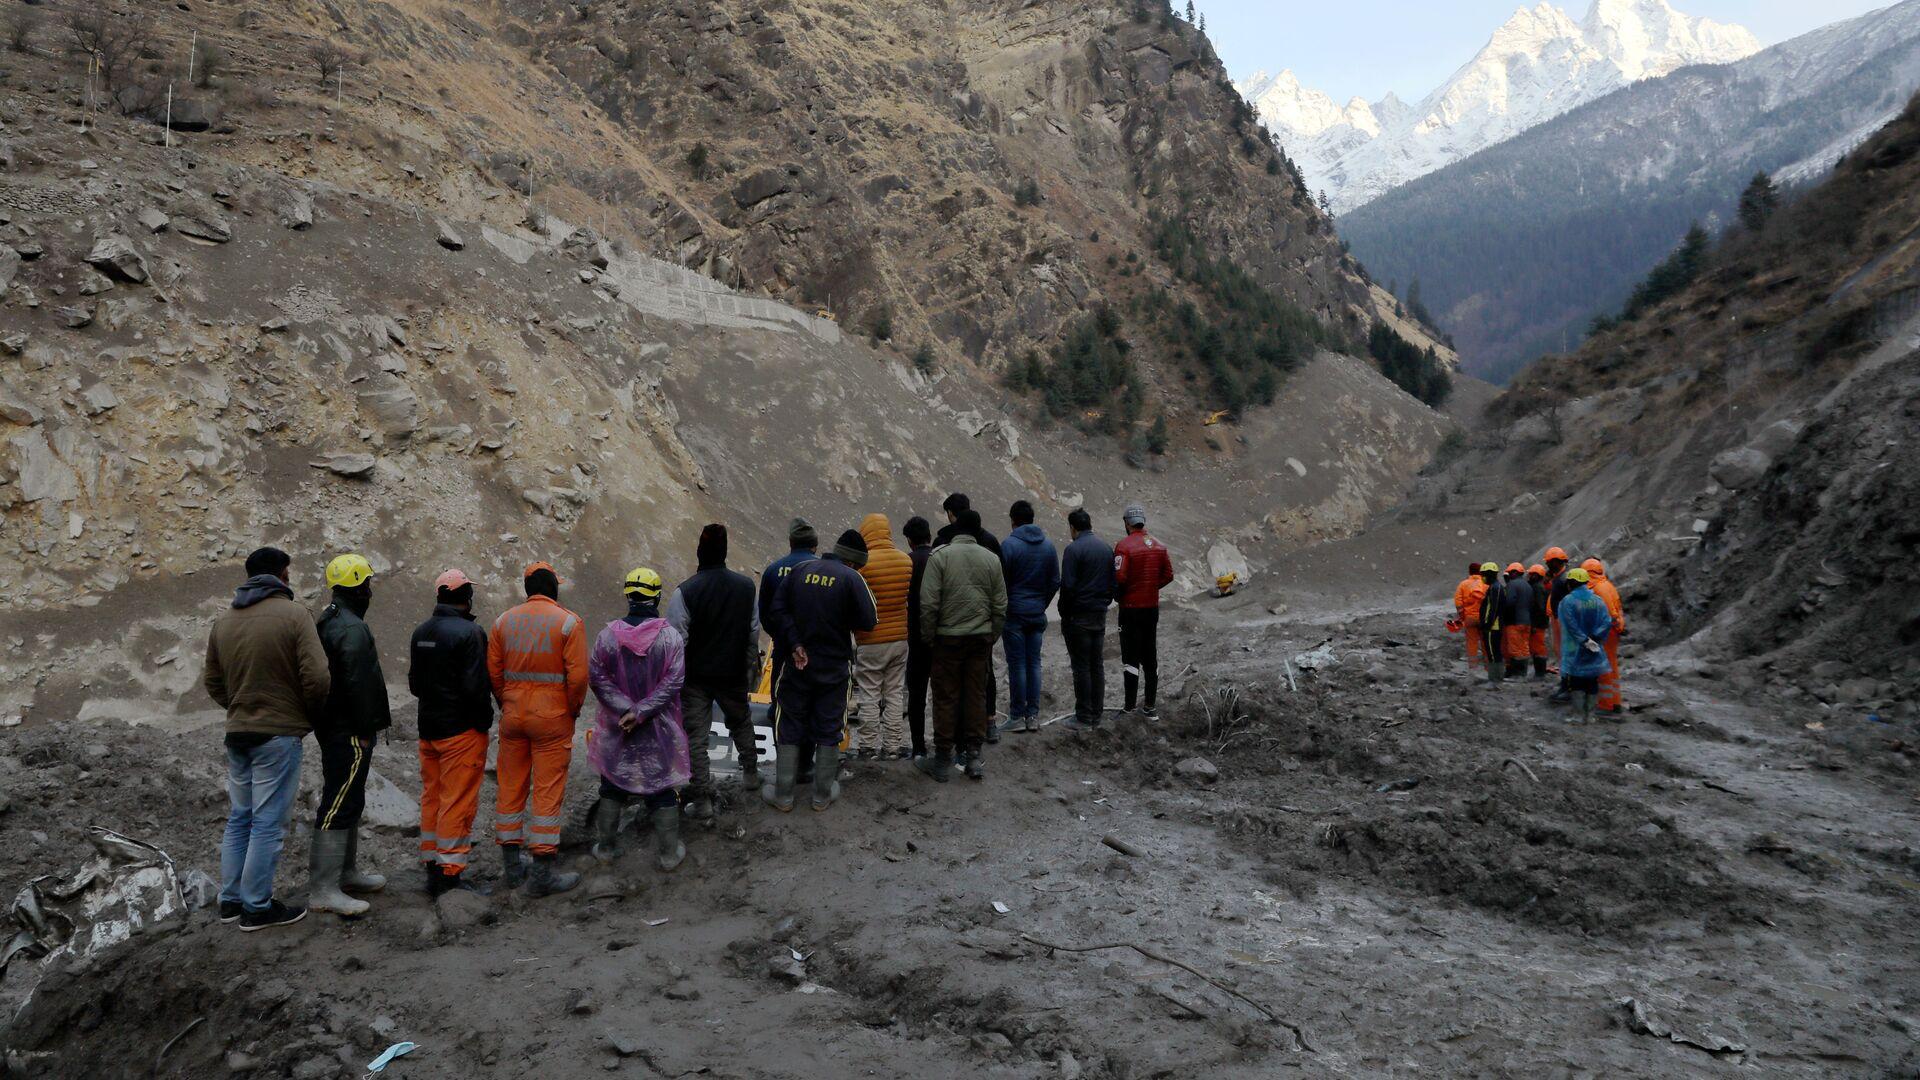 Operaciones de rescate tras el desprendimiento de un glaciar del Himalaya - Sputnik Mundo, 1920, 14.02.2021